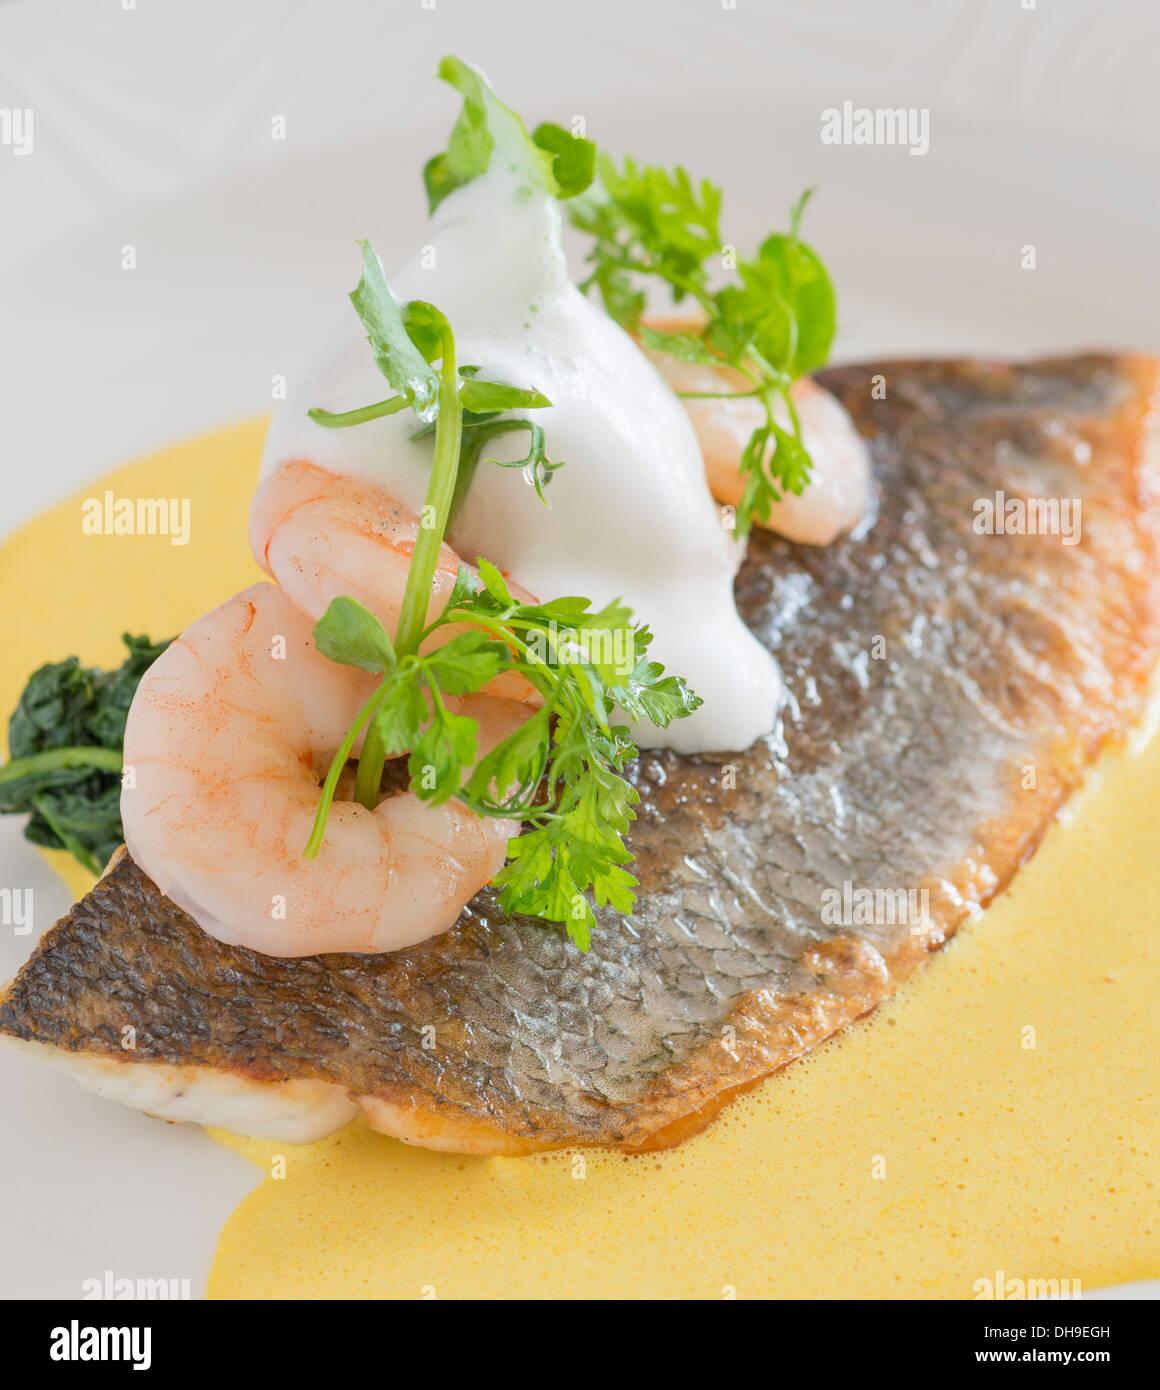 Fisch und Garnelen essen aus einem fine dining restaurant Stockbild